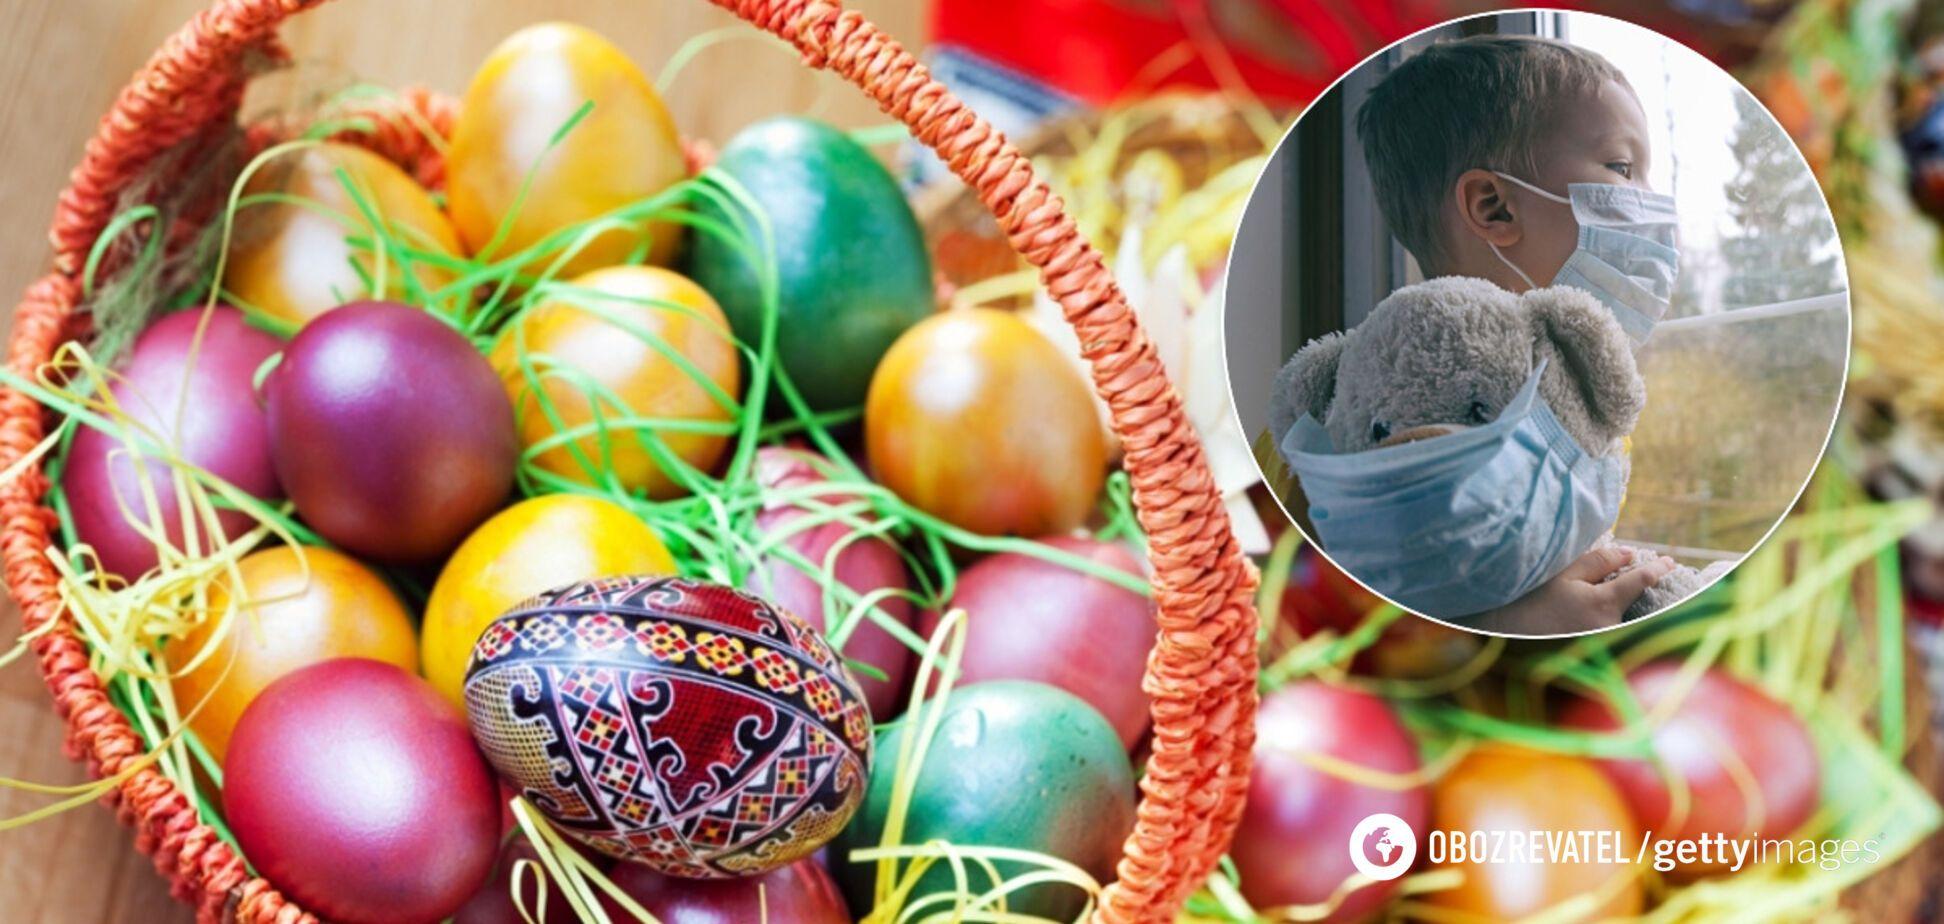 Кличко предупредил об опасности коронавируса во время празднования Пасхи в Киеве. Иллюстрация